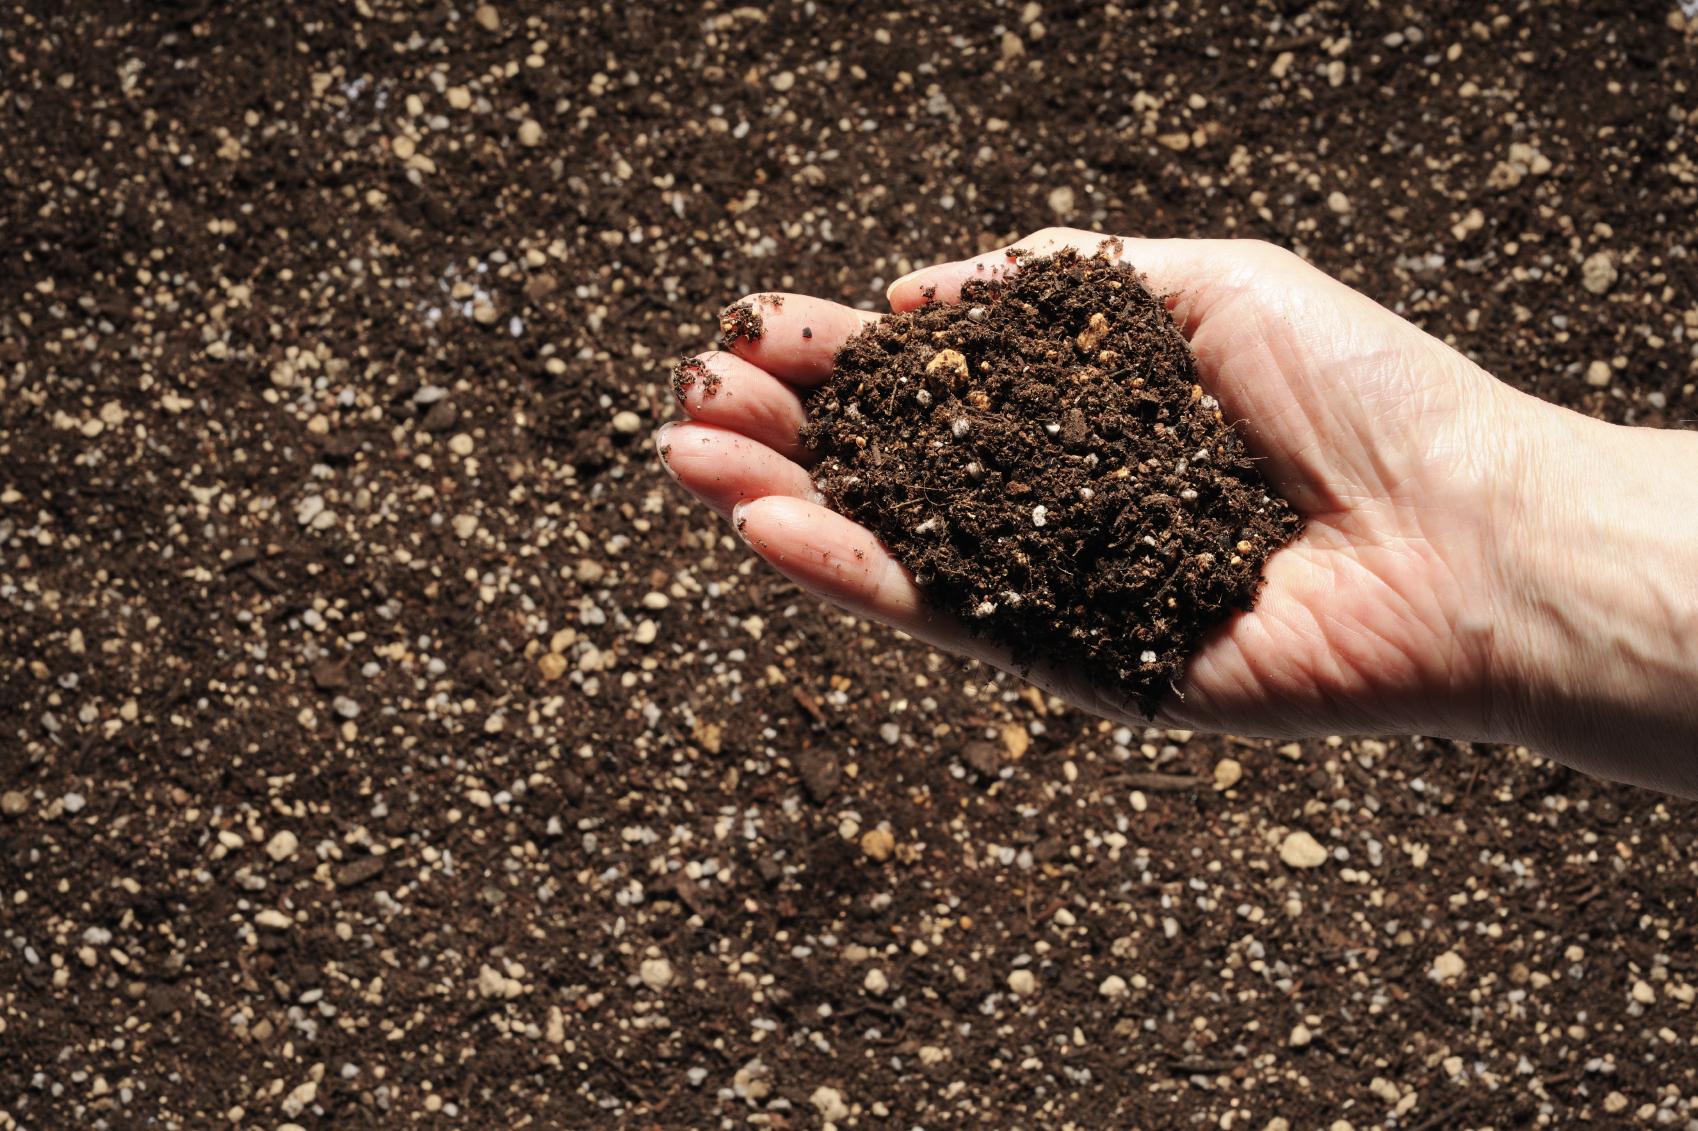 Из органических отходов будут делать удобрения с помощью бактерии